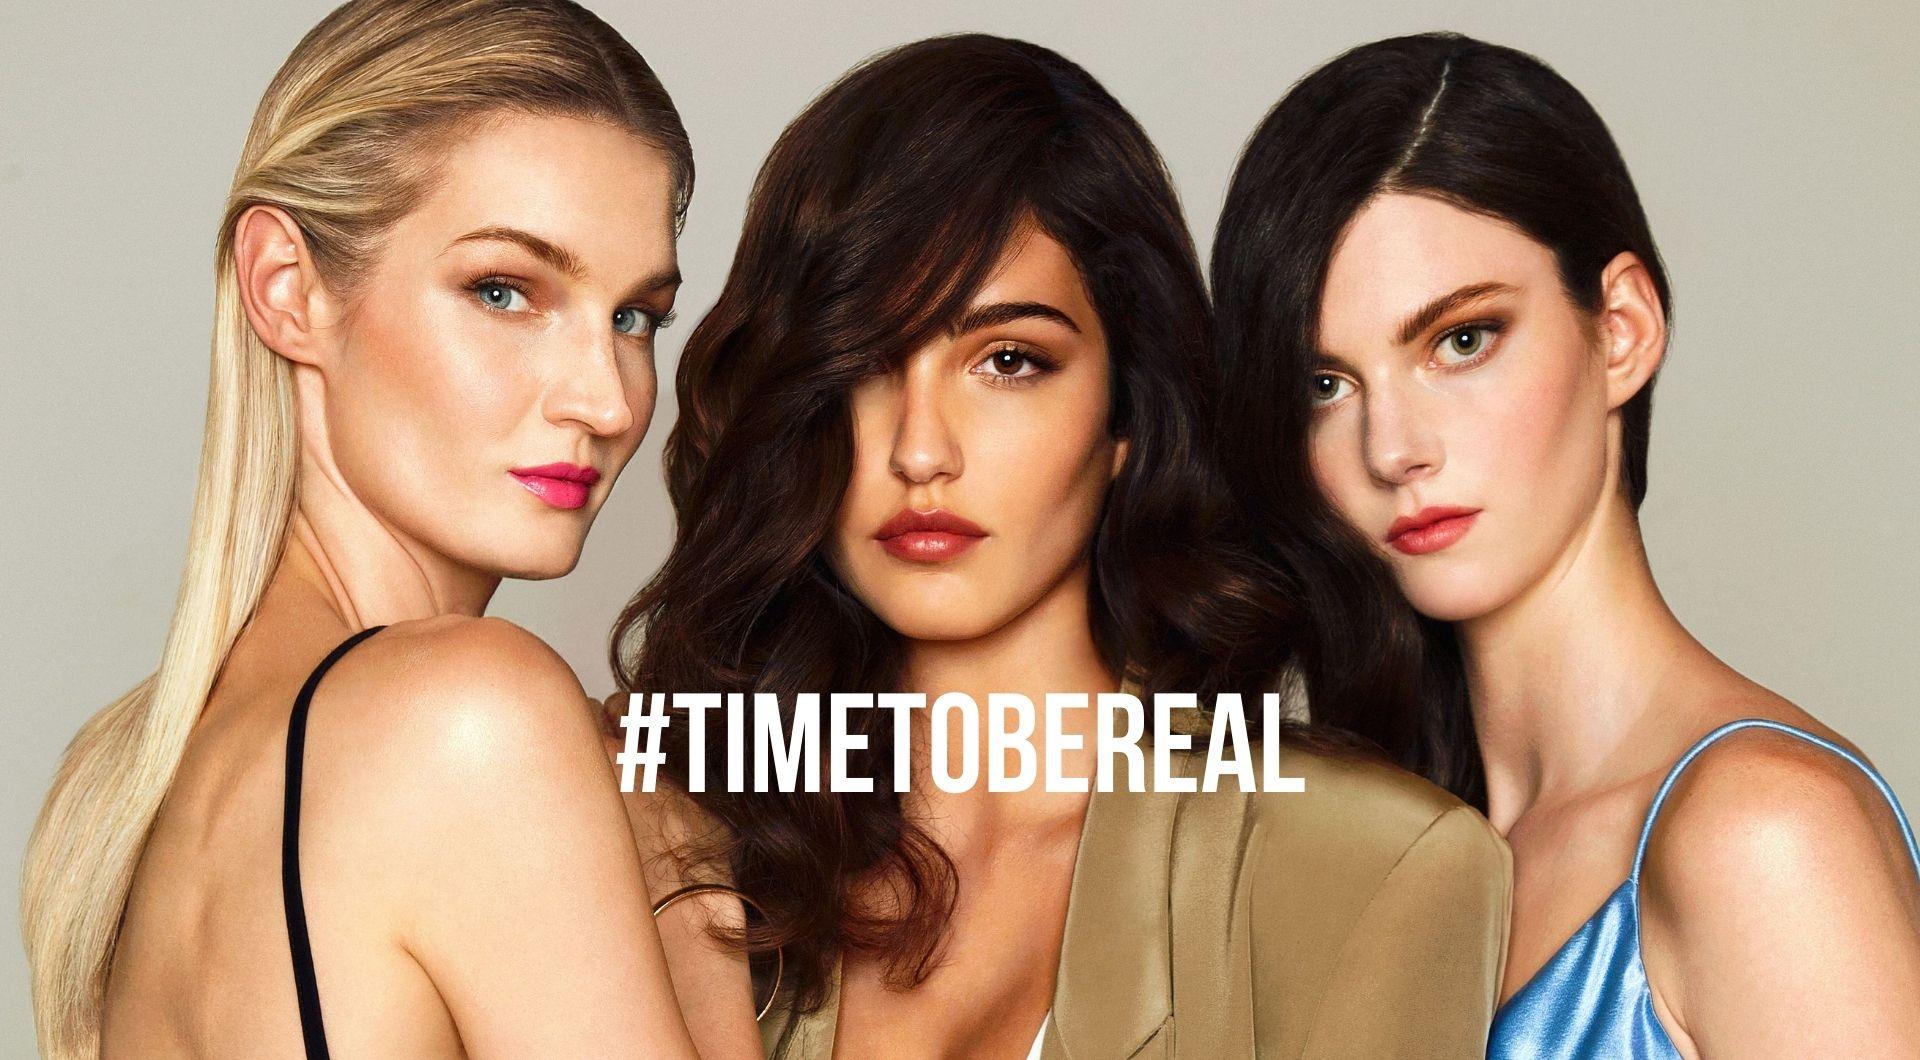 Time to be real la nueva campaña de Navidad de Termix que revoluciona el concepto de la belleza